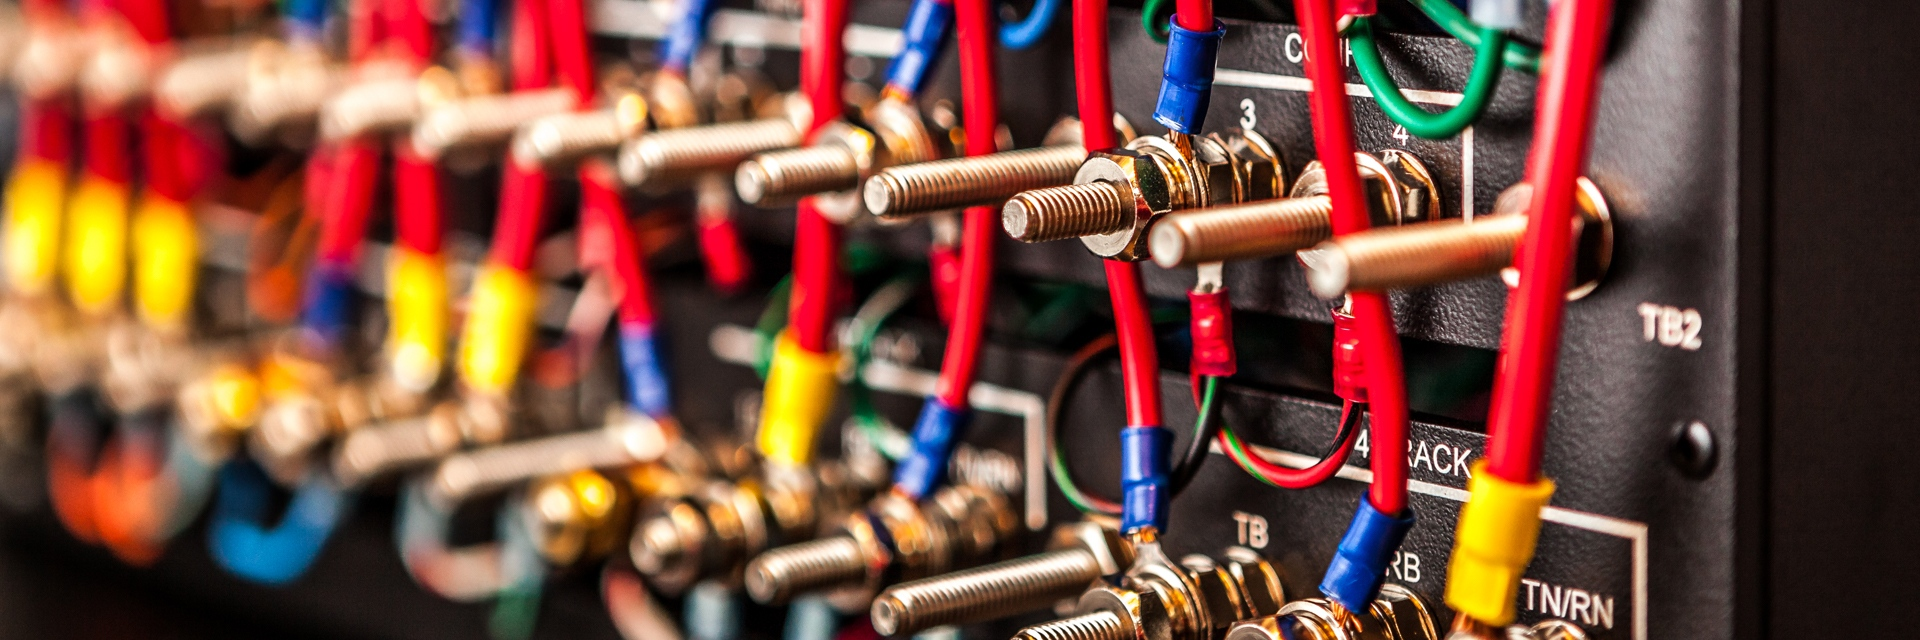 Nett Lennox 97l4801 Schaltplan Ideen - Die Besten Elektrischen ...